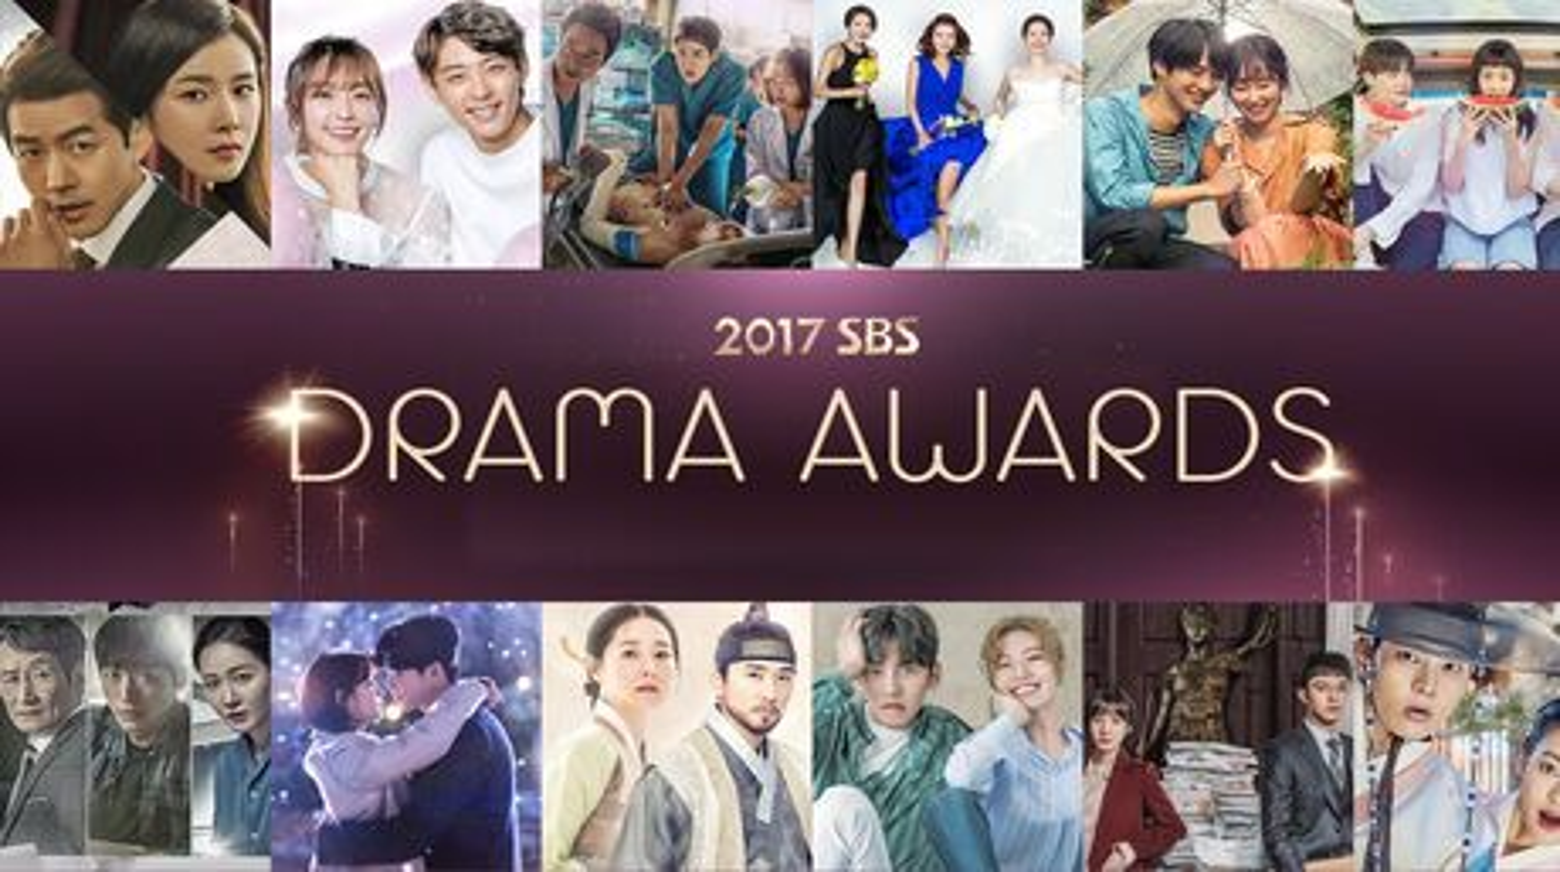 2017 sbs drama awards ile ilgili görsel sonucu